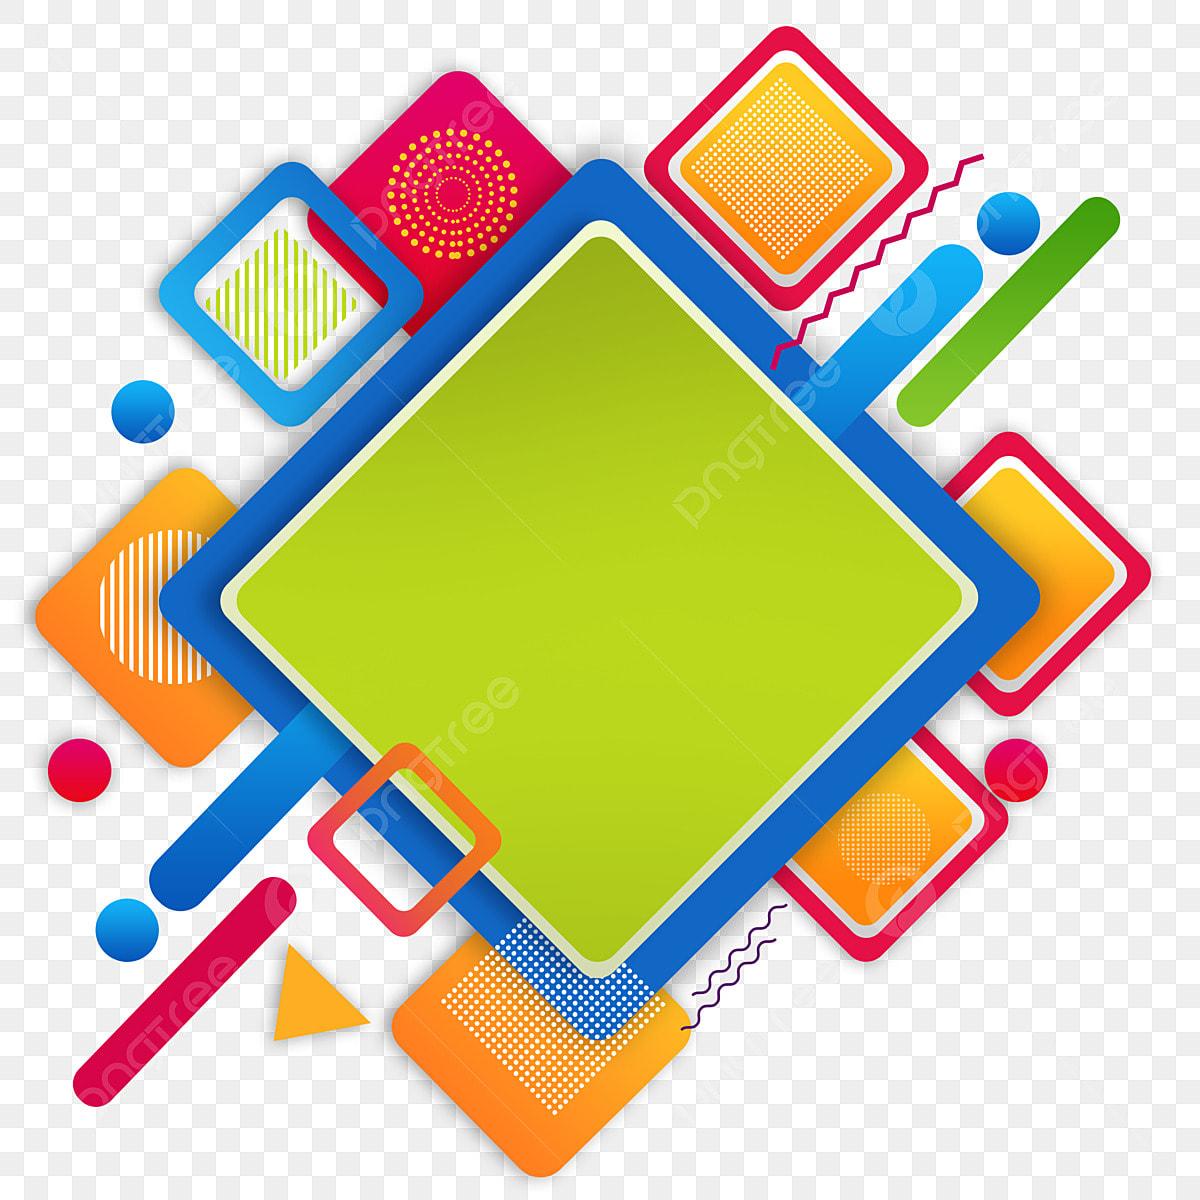 الأشكال الهندسية الأشكال الملونة مربع Png أشكال هندسية مجردة أسلوب ممفيس مجموعة من الأشكال الهندسية Png وملف Psd للتحميل مجانا